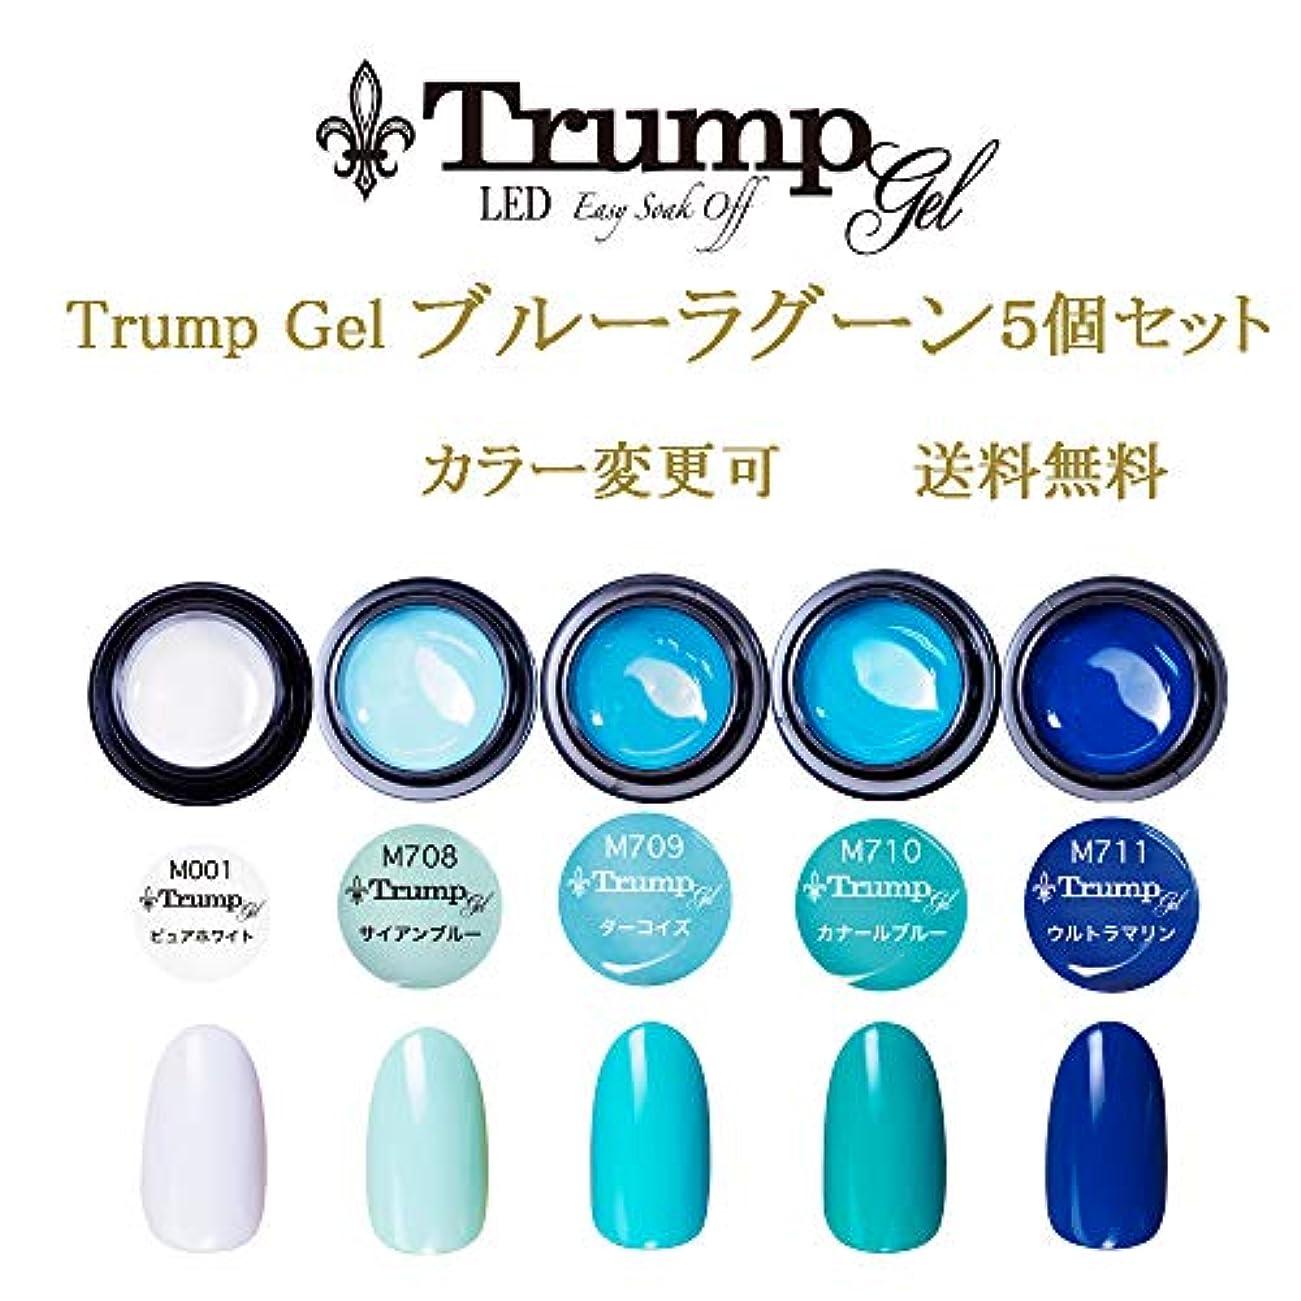 損失目的平凡日本製 Trump gel トランプジェル ブルーラグーン カラー 選べる カラージェル 5個セット ブルー ターコイズ ホワイト